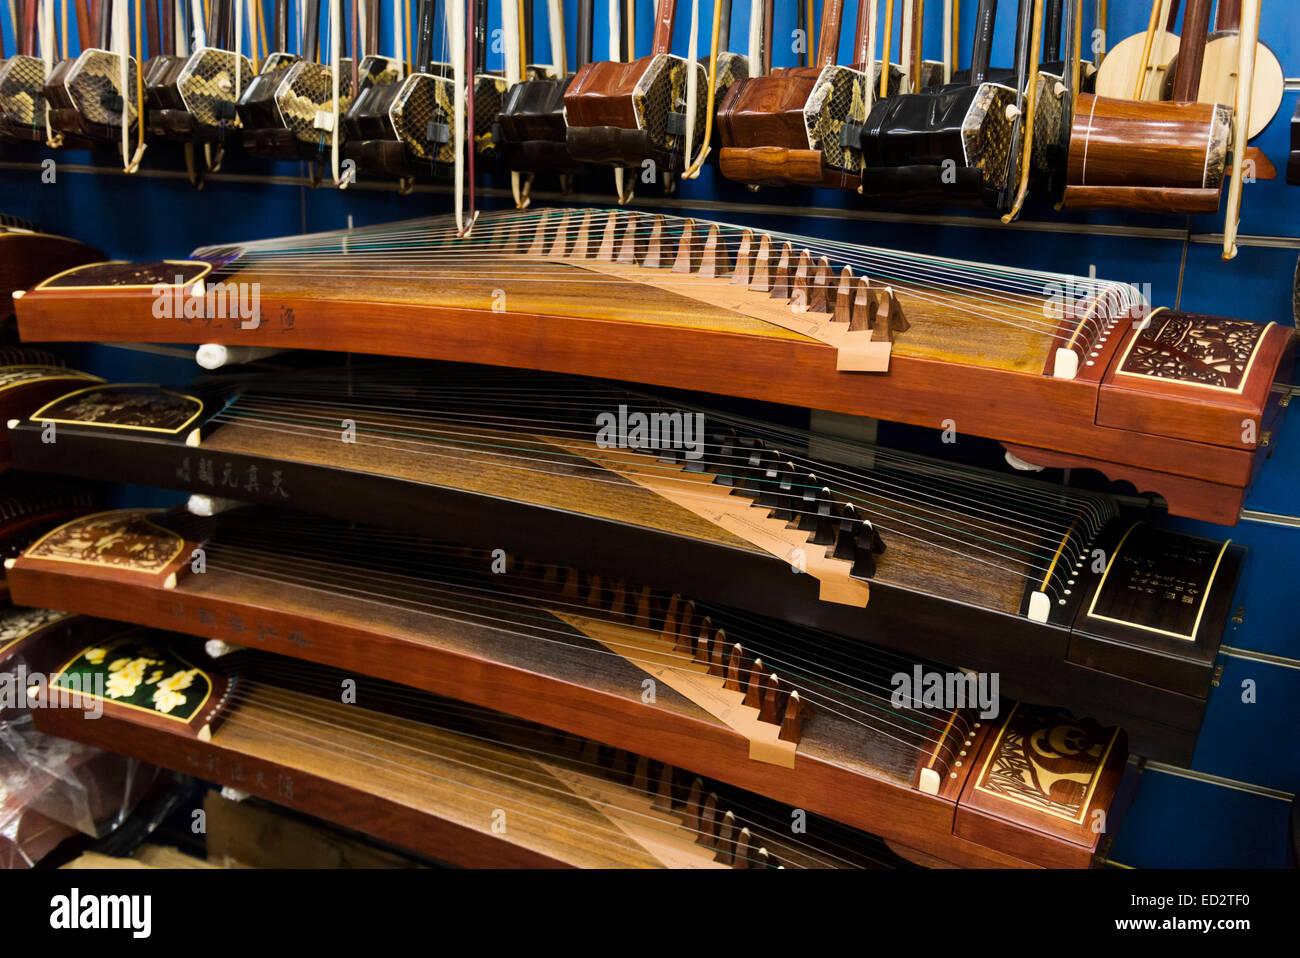 Guzheng, Cinese cetra, strumenti musicali in un negozio a Shanghai in Cina. Immagini Stock